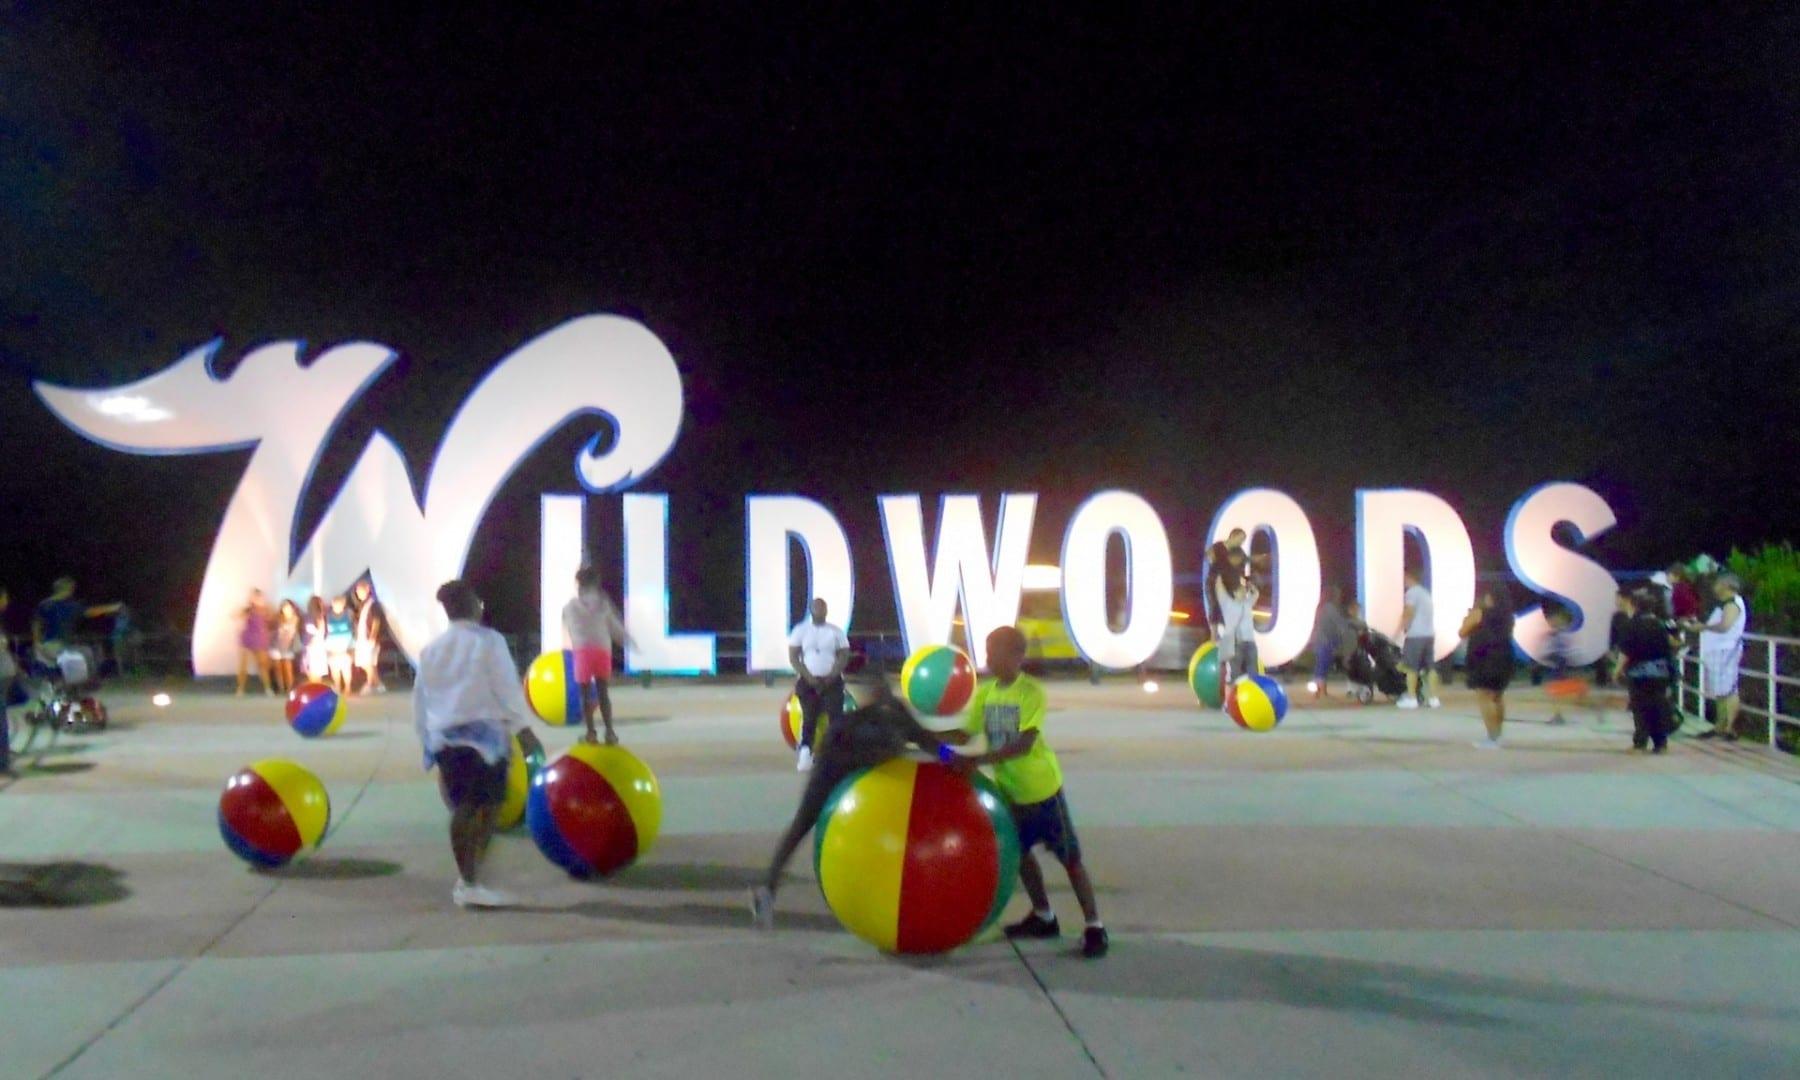 La señal de Wildwoods en el paseo marítimo Wildwood NJ Estados Unidos